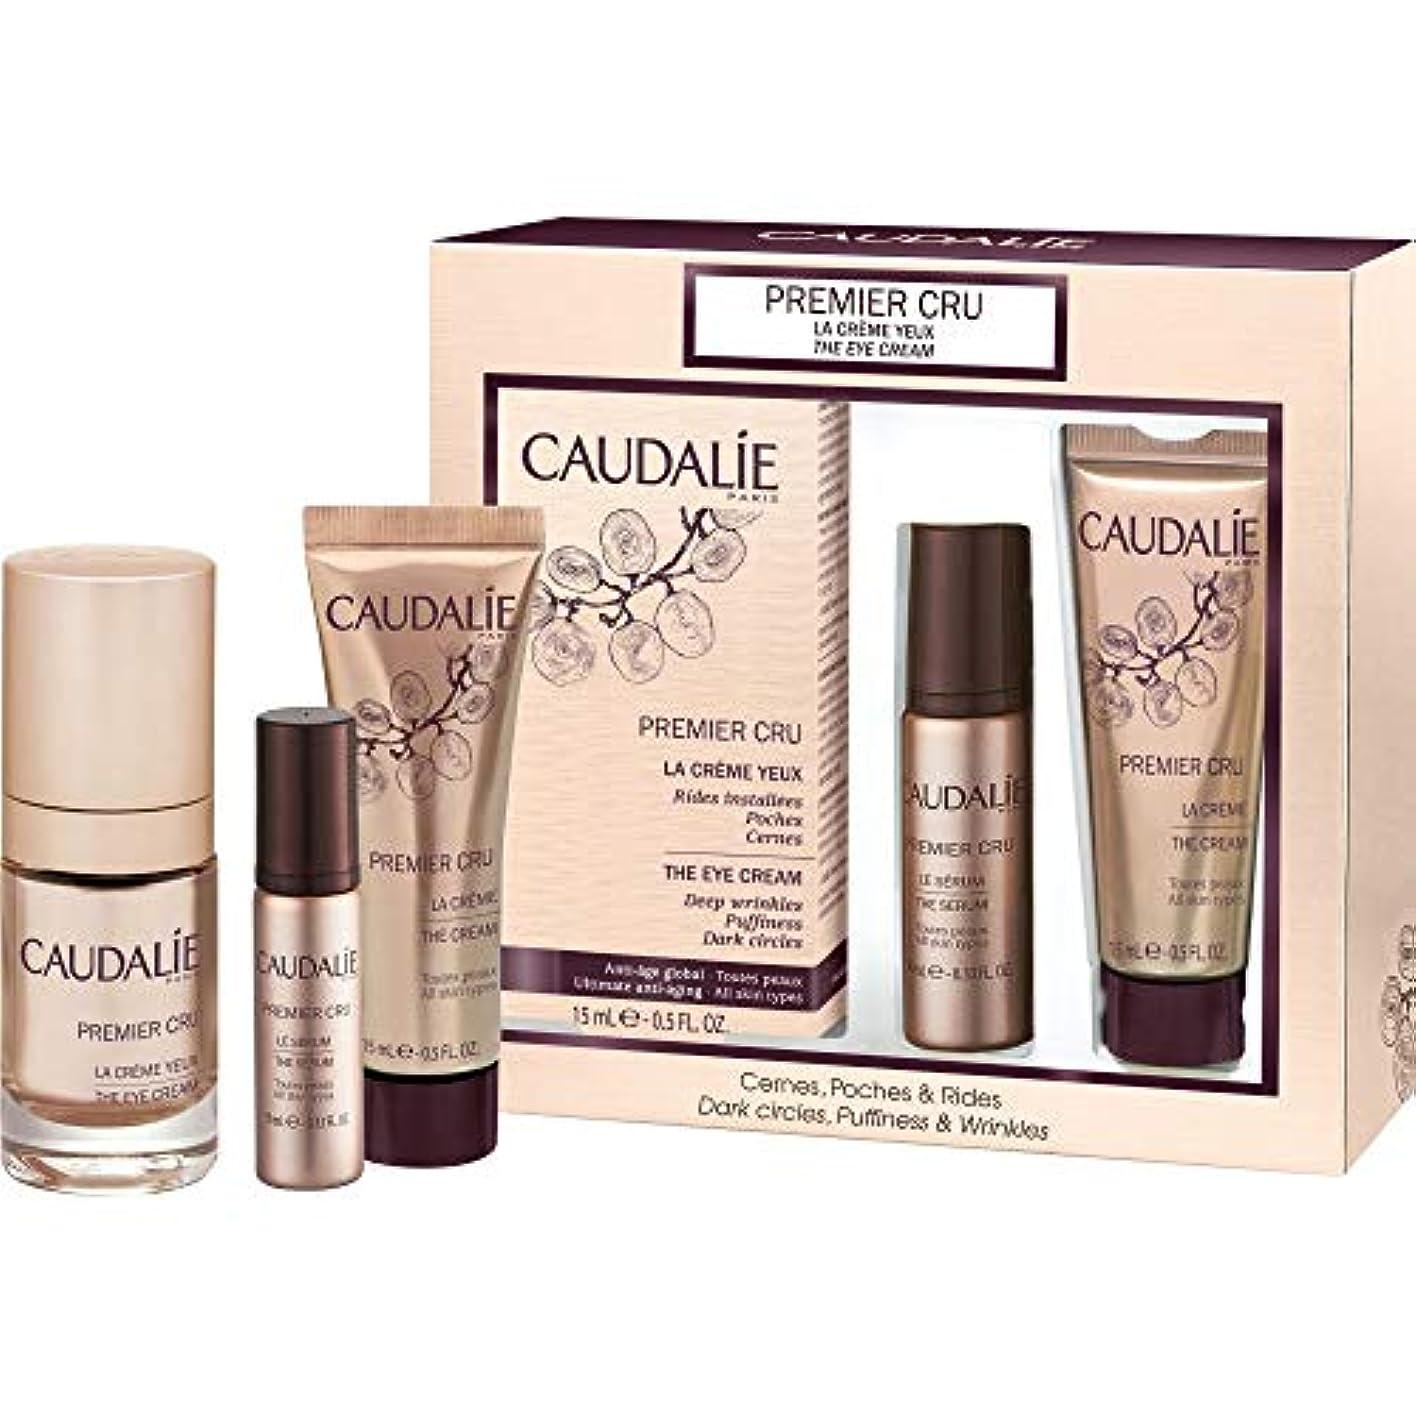 皿原因憧れ[Caudalie] コーダリープレミアは、アイクリーム15ミリリットルのギフトセットをCru - Caudalie Premier Cru The Eye Cream 15ml Gift Set [並行輸入品]